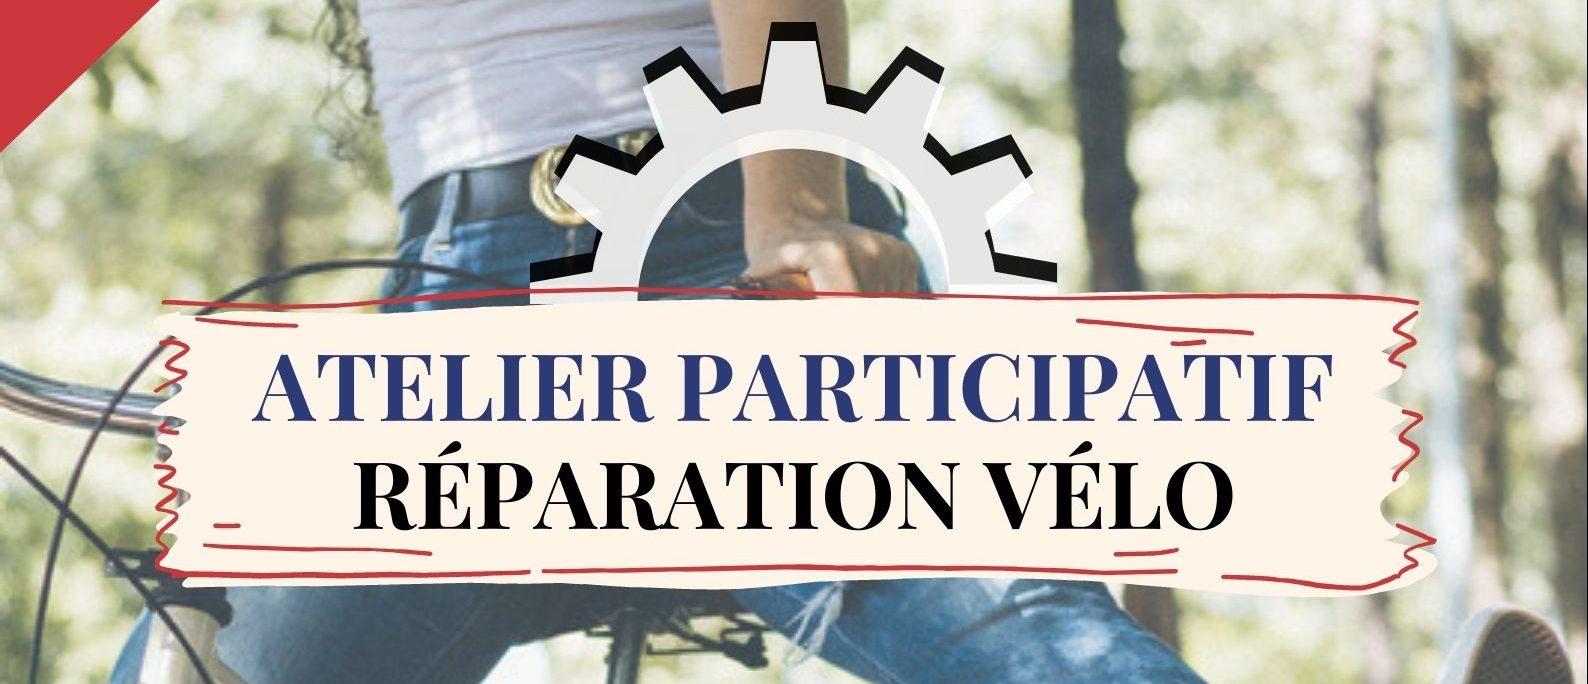 [Atelier participatif] - Réparation vélo : un jeudi par mois entre 14h et 17h